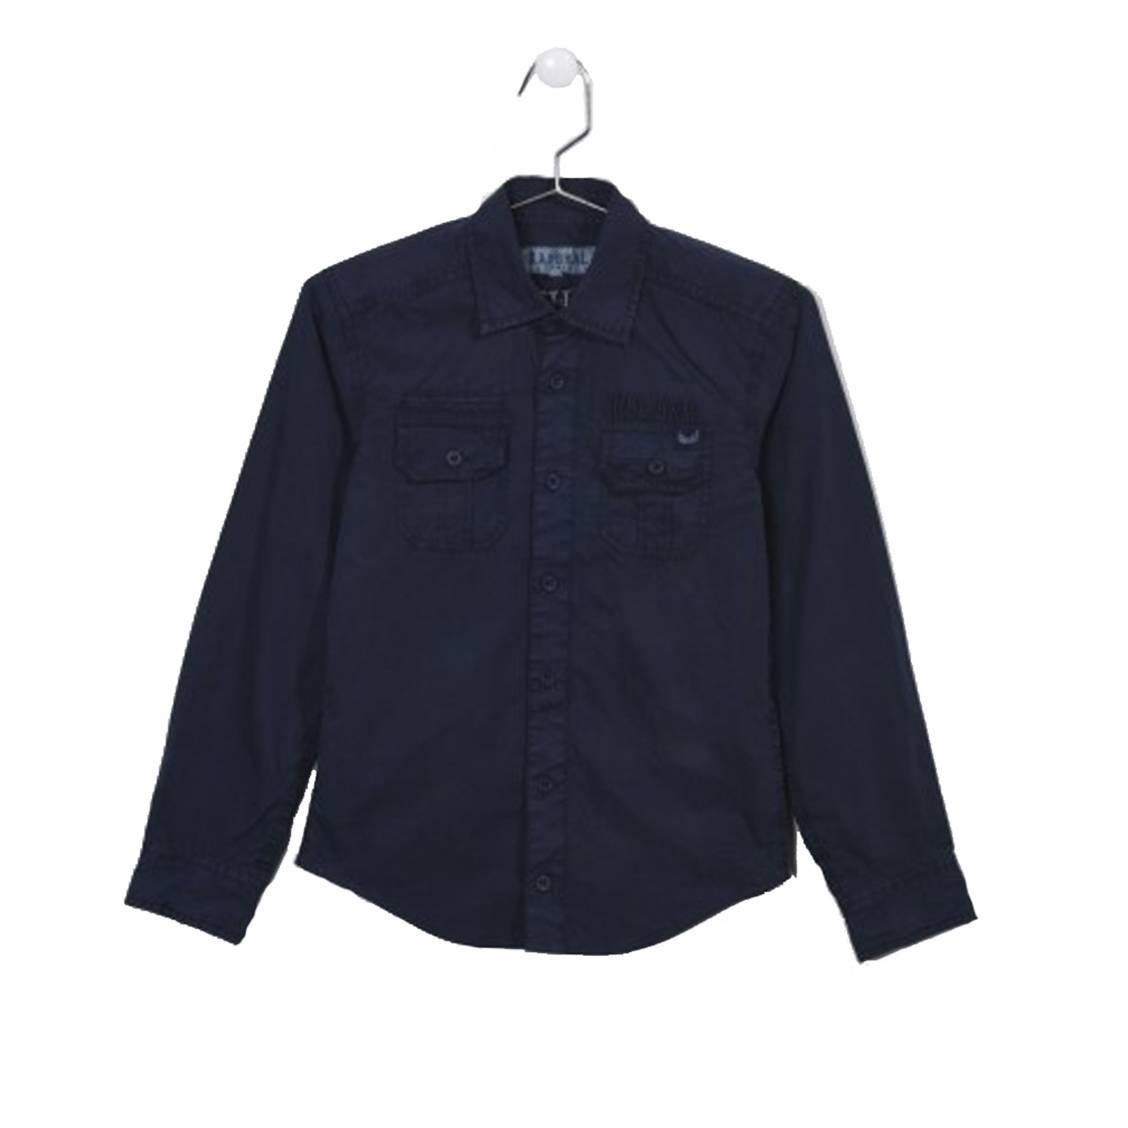 Chemise droite  nagam en coton bleu marine brodée au dos